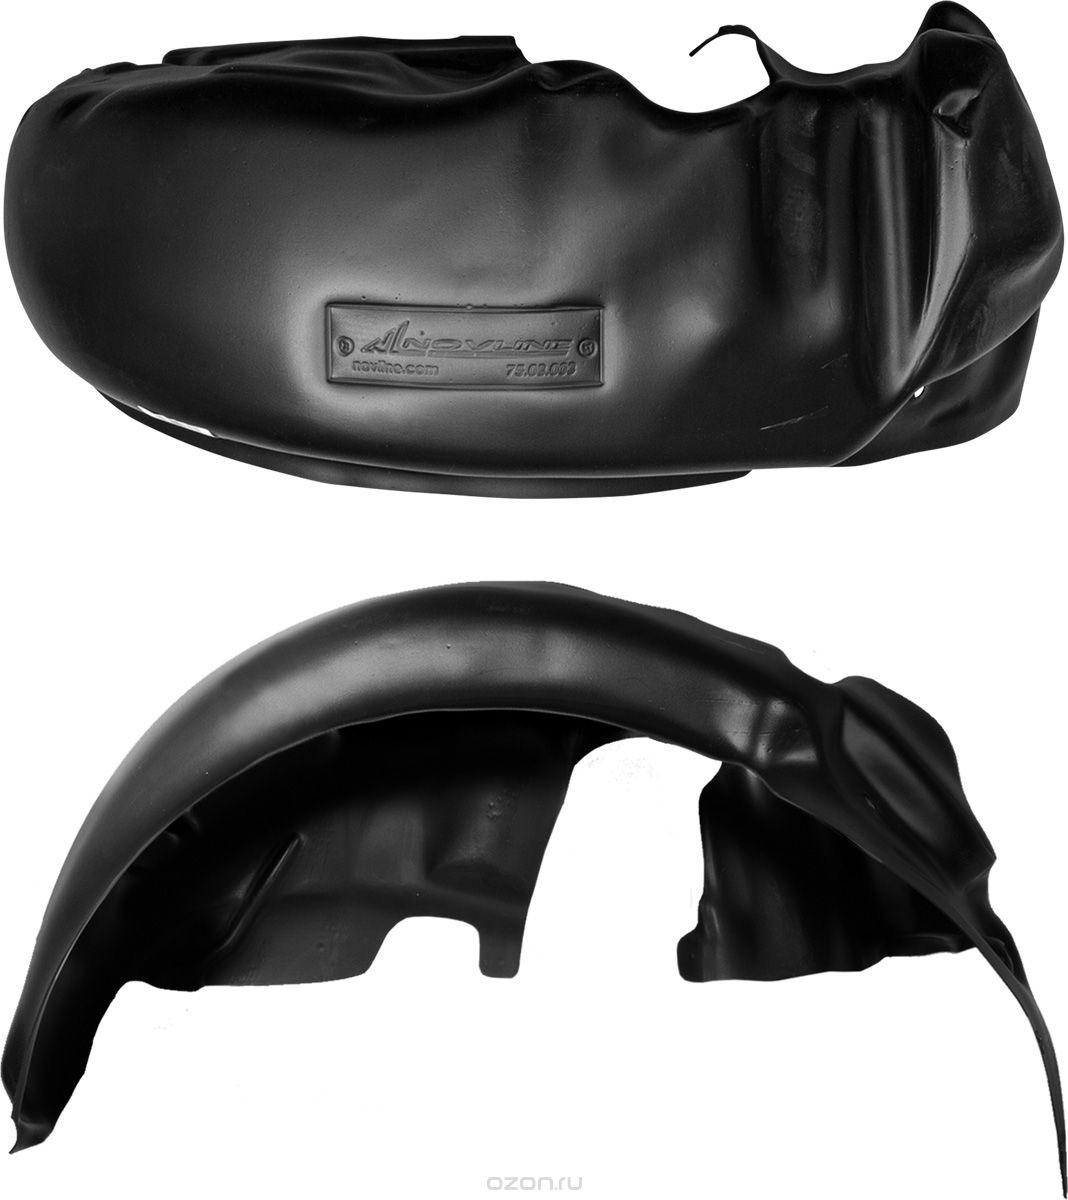 Подкрылок Novline-Autofamily, для Suzuki Vitara, 03/2015->, задний левыйNLL.47.01.003Идеальная защита колесной ниши. Локеры разработаны с применением цифровых технологий, гарантируют максимальную повторяемость поверхности арки. Изделия устанавливаются без нарушения лакокрасочного покрытия автомобиля, каждый подкрылок комплектуется крепежом. Уважаемые клиенты, обращаем ваше внимание, что фотографии на подкрылки универсальные и не отражают реальную форму изделия. При этом само изделие идет точно под размер указанного автомобиля.